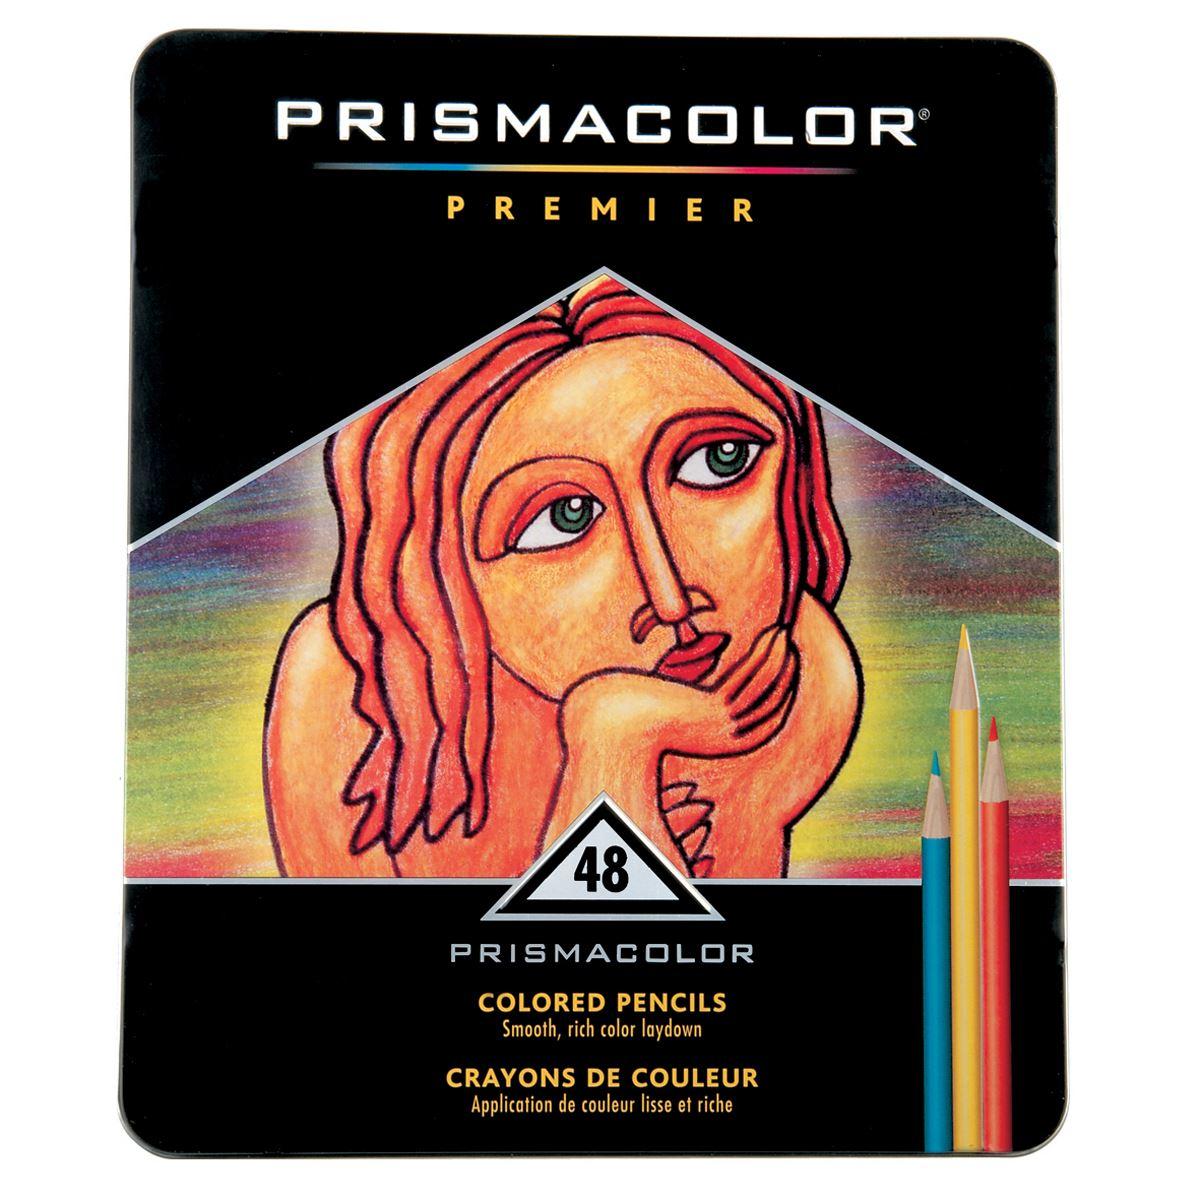 Prismacolor premier 48 piezas  - Sanborns